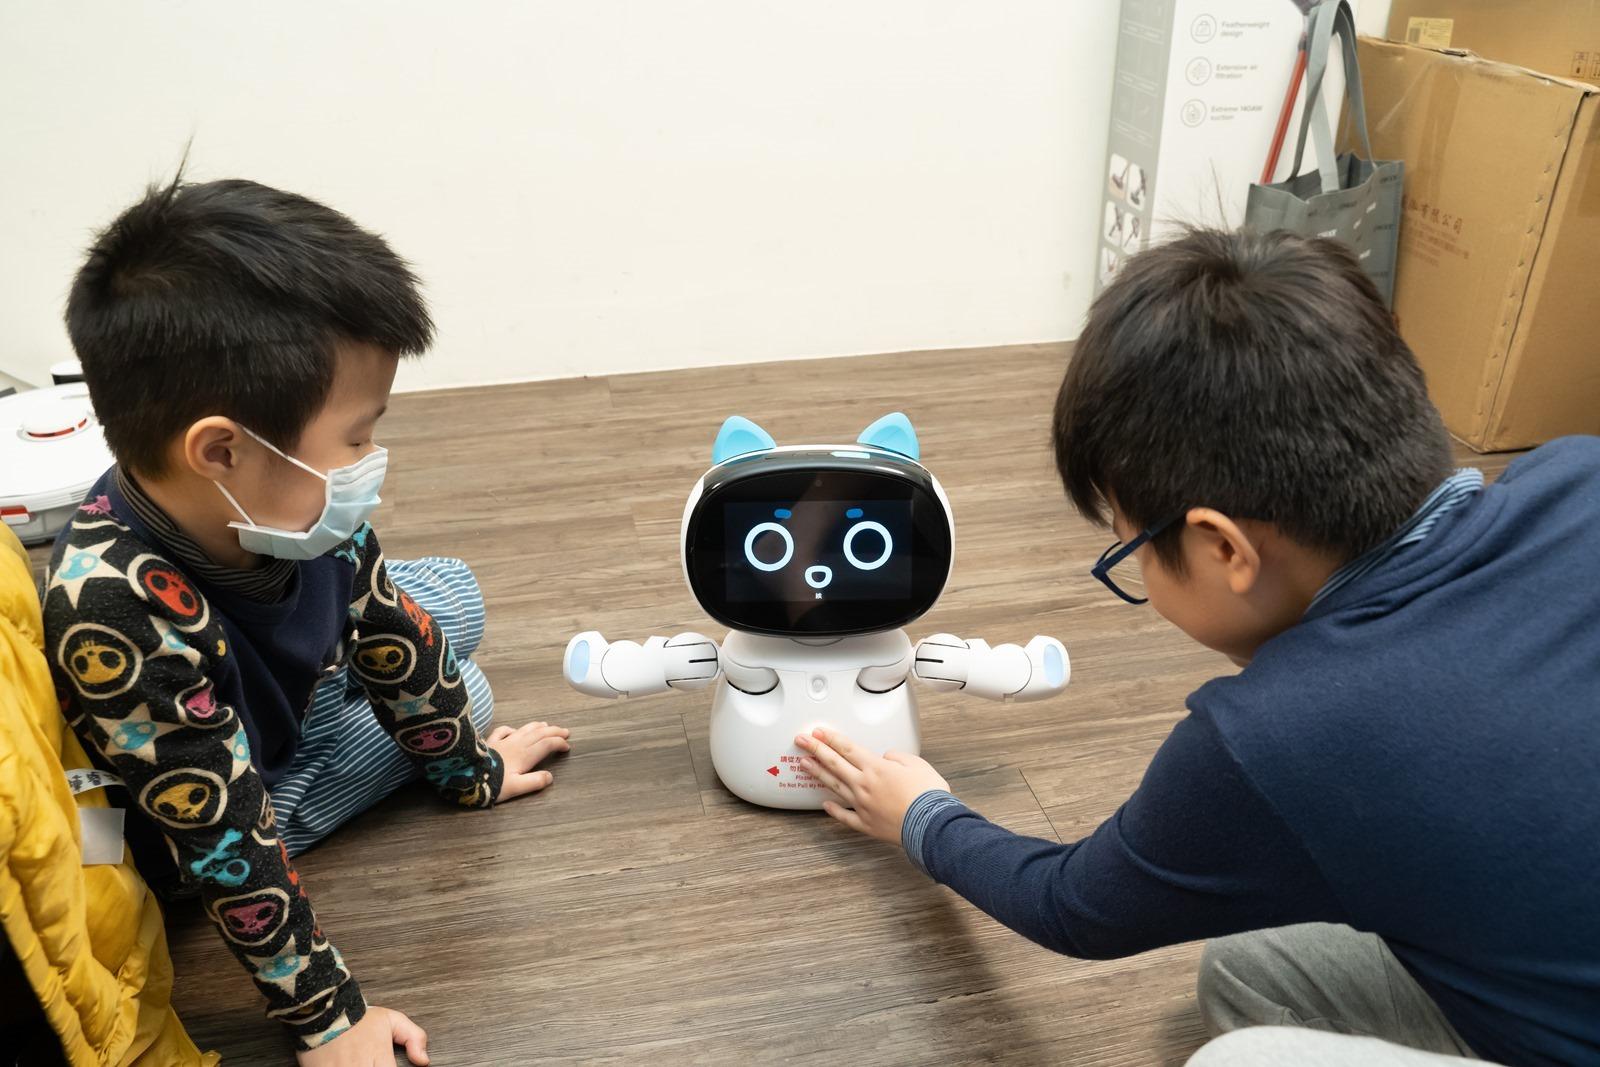 【開箱】網路原生世代孩子的AI教育機器人推薦!具STEAM教育程式/英文學習/情感互動功能